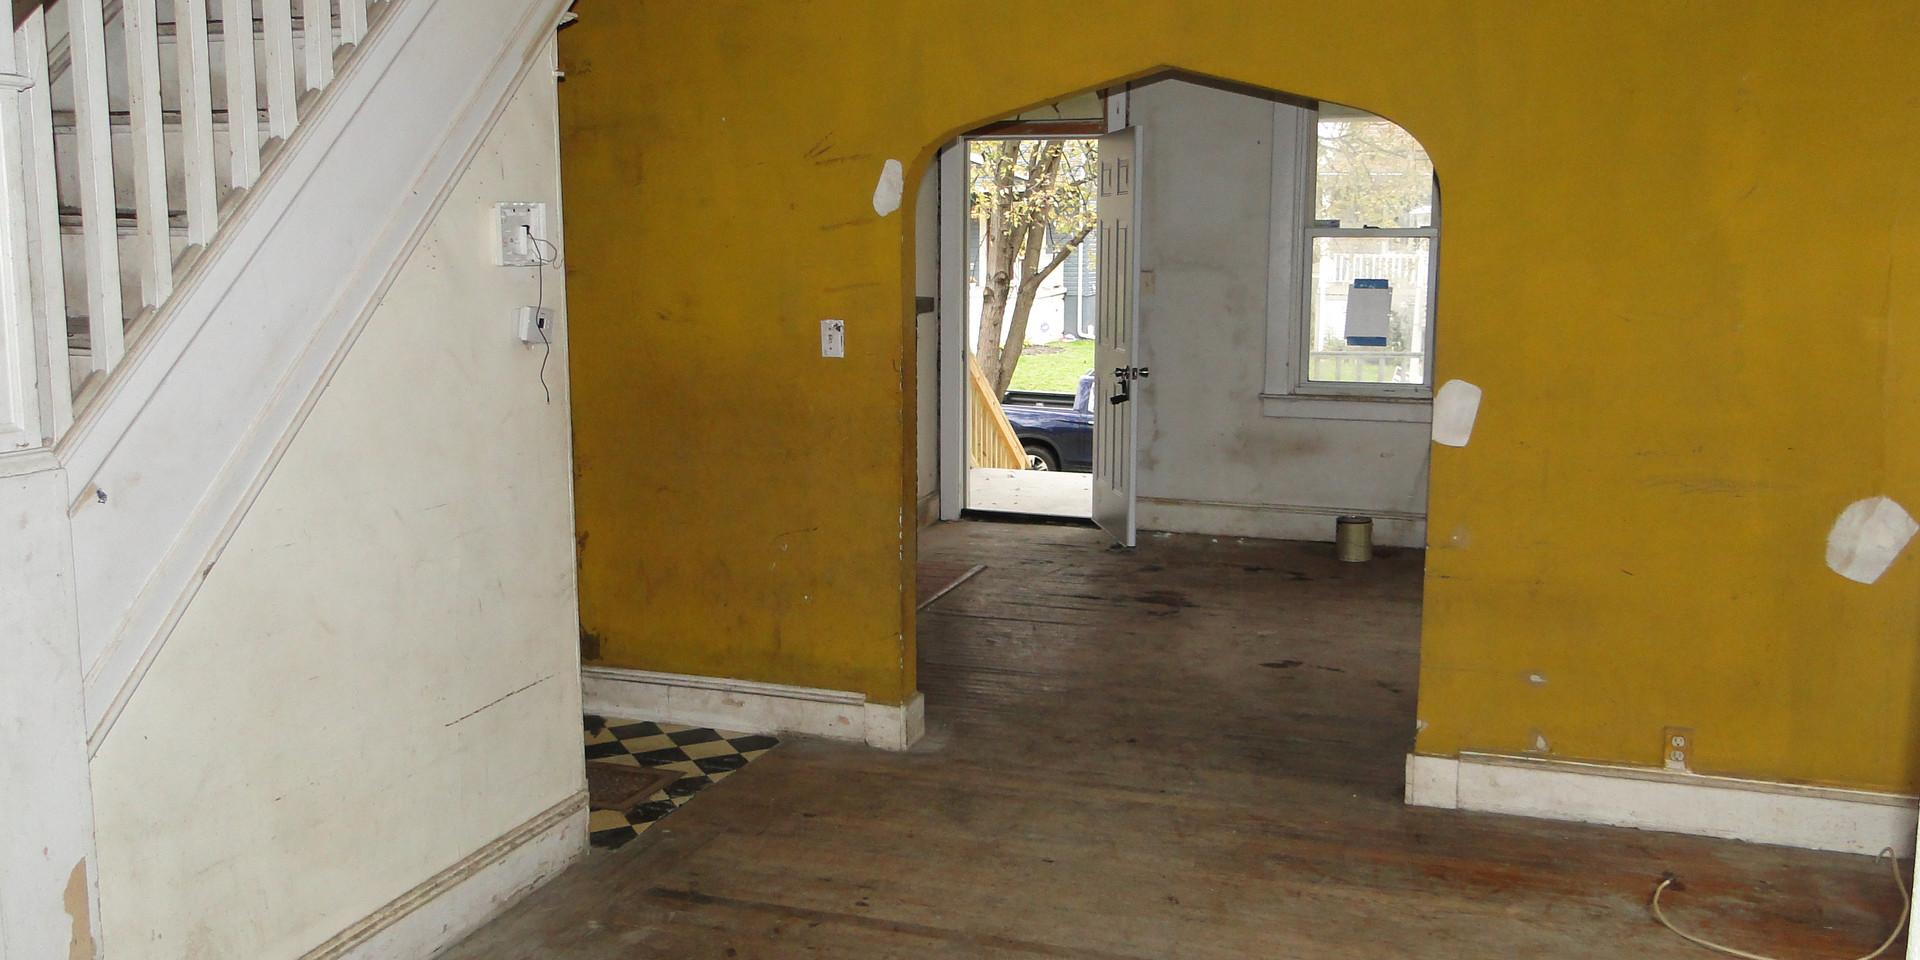 04 - Dining Room.JPG